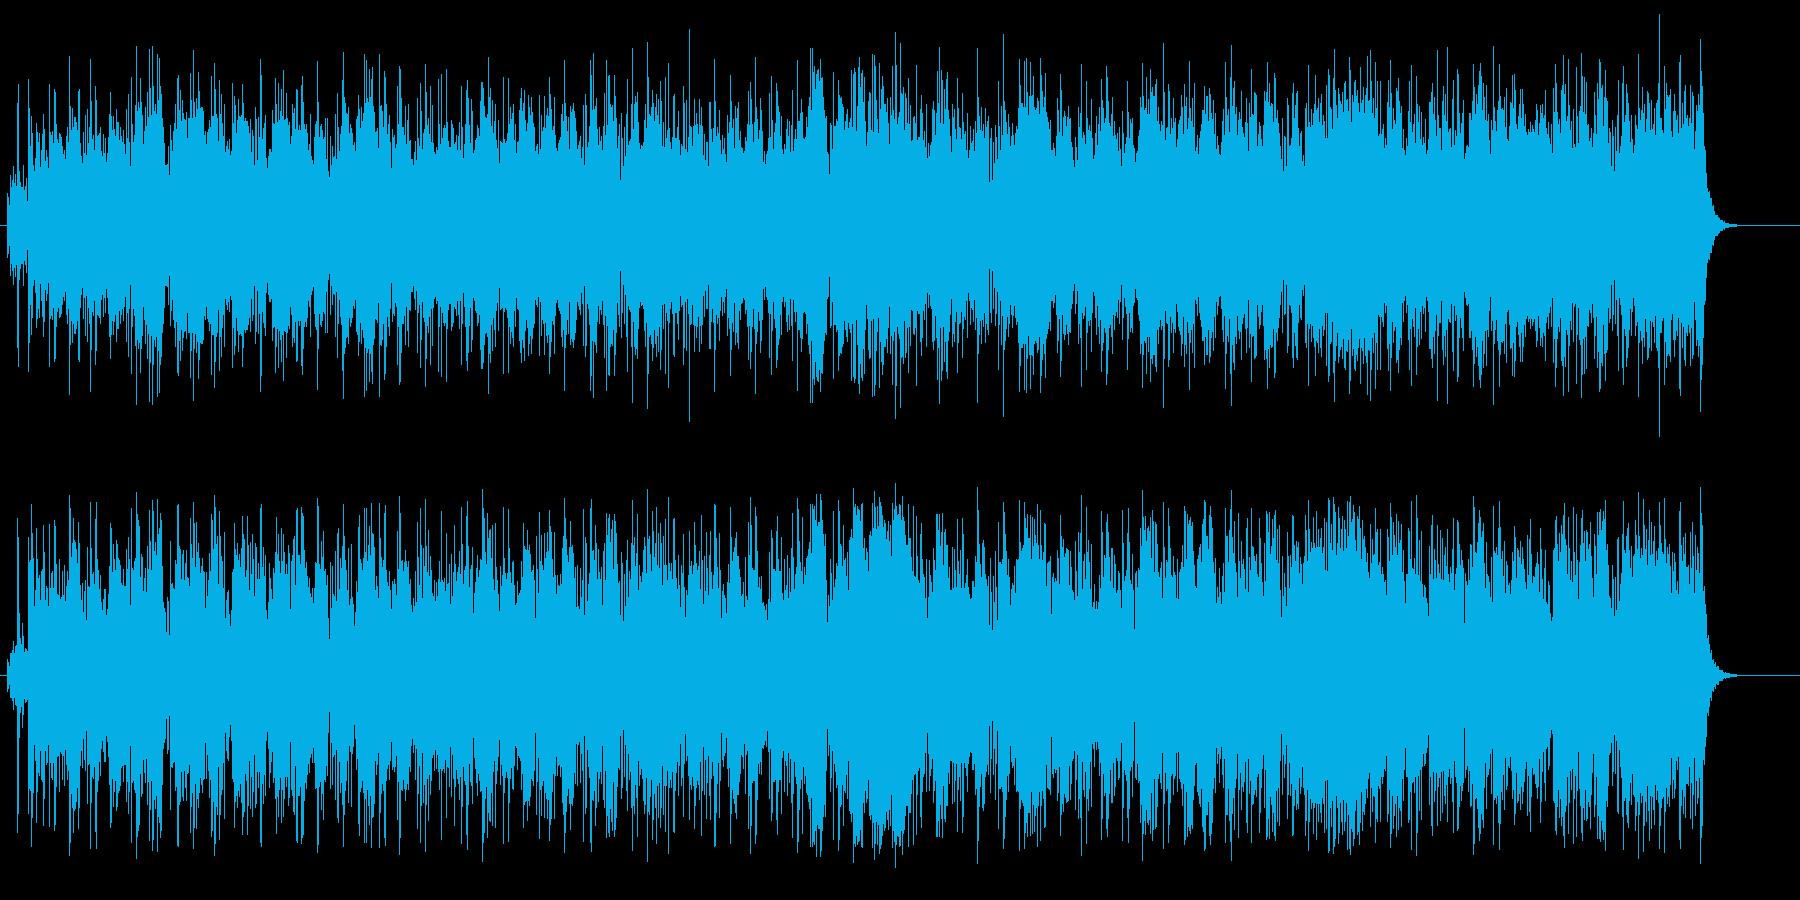 エスニック感覚のマイナー・ポップスの再生済みの波形